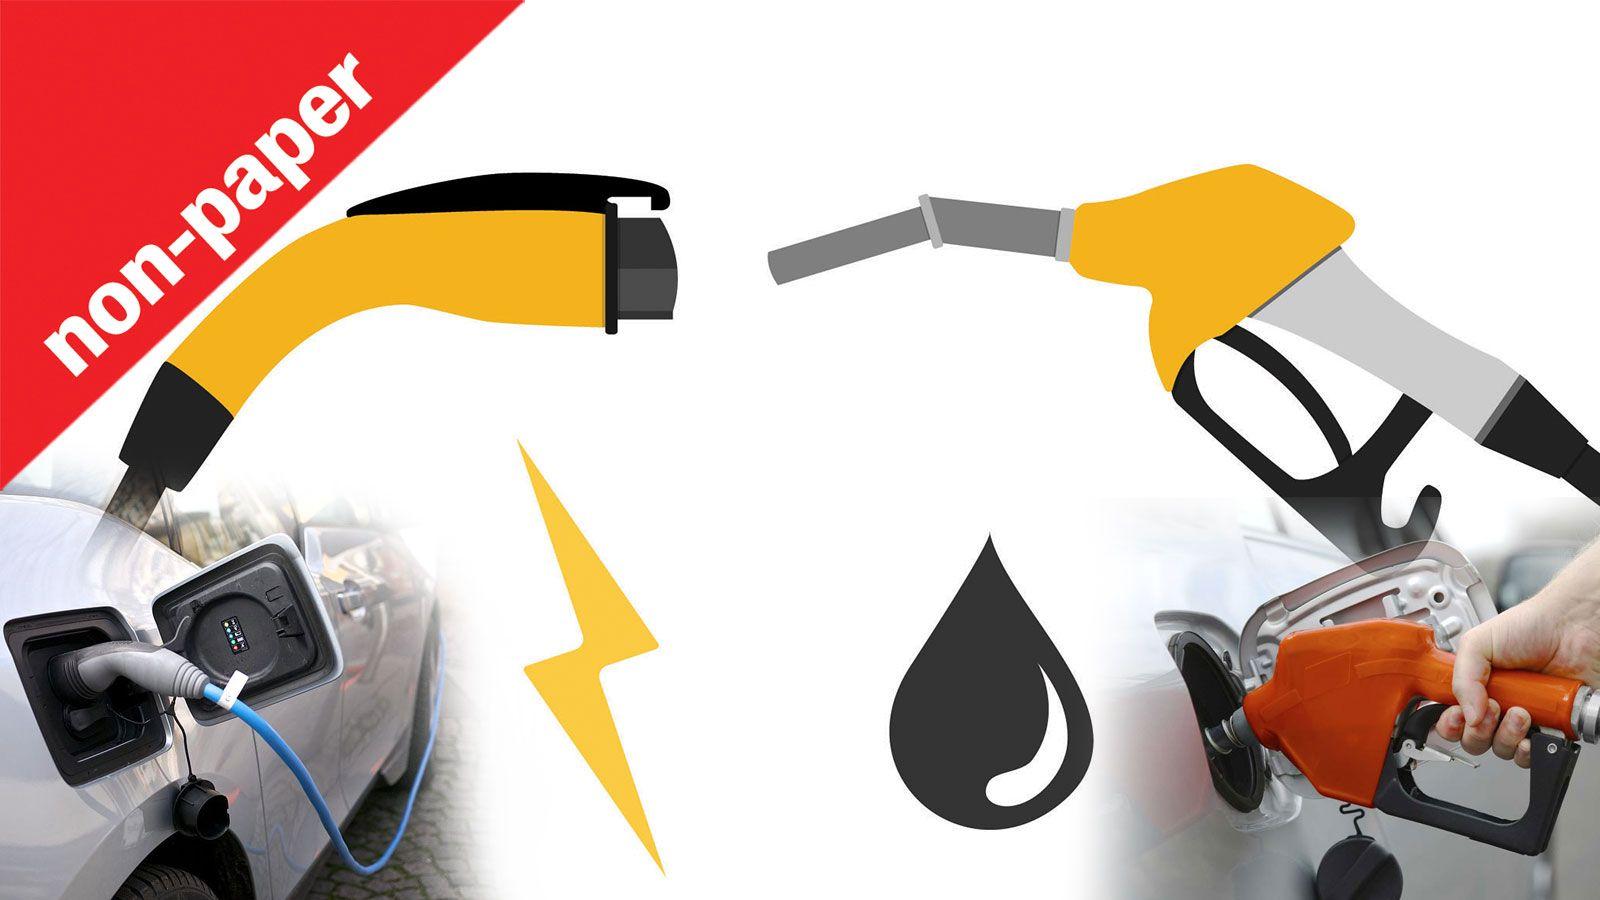 Θα ακριβύνει η βενζίνη λόγω των ηλεκτρικών;